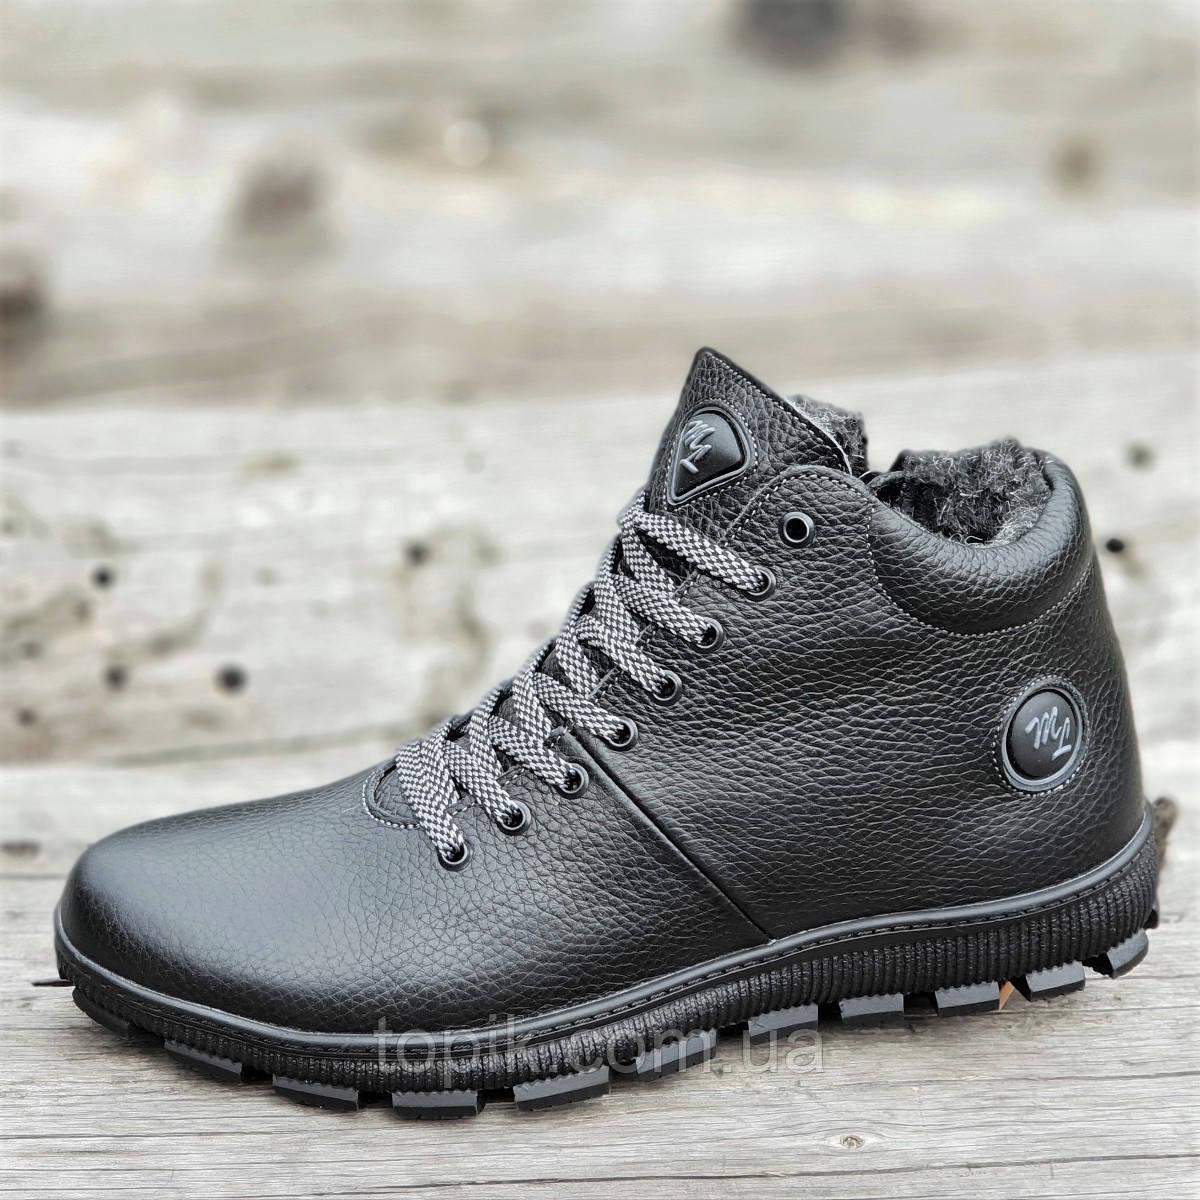 Подростковые зимние классические ботинки на мальчика на шнурках и молнии  кожаные мех черные (Код  c198ff2d04a2b